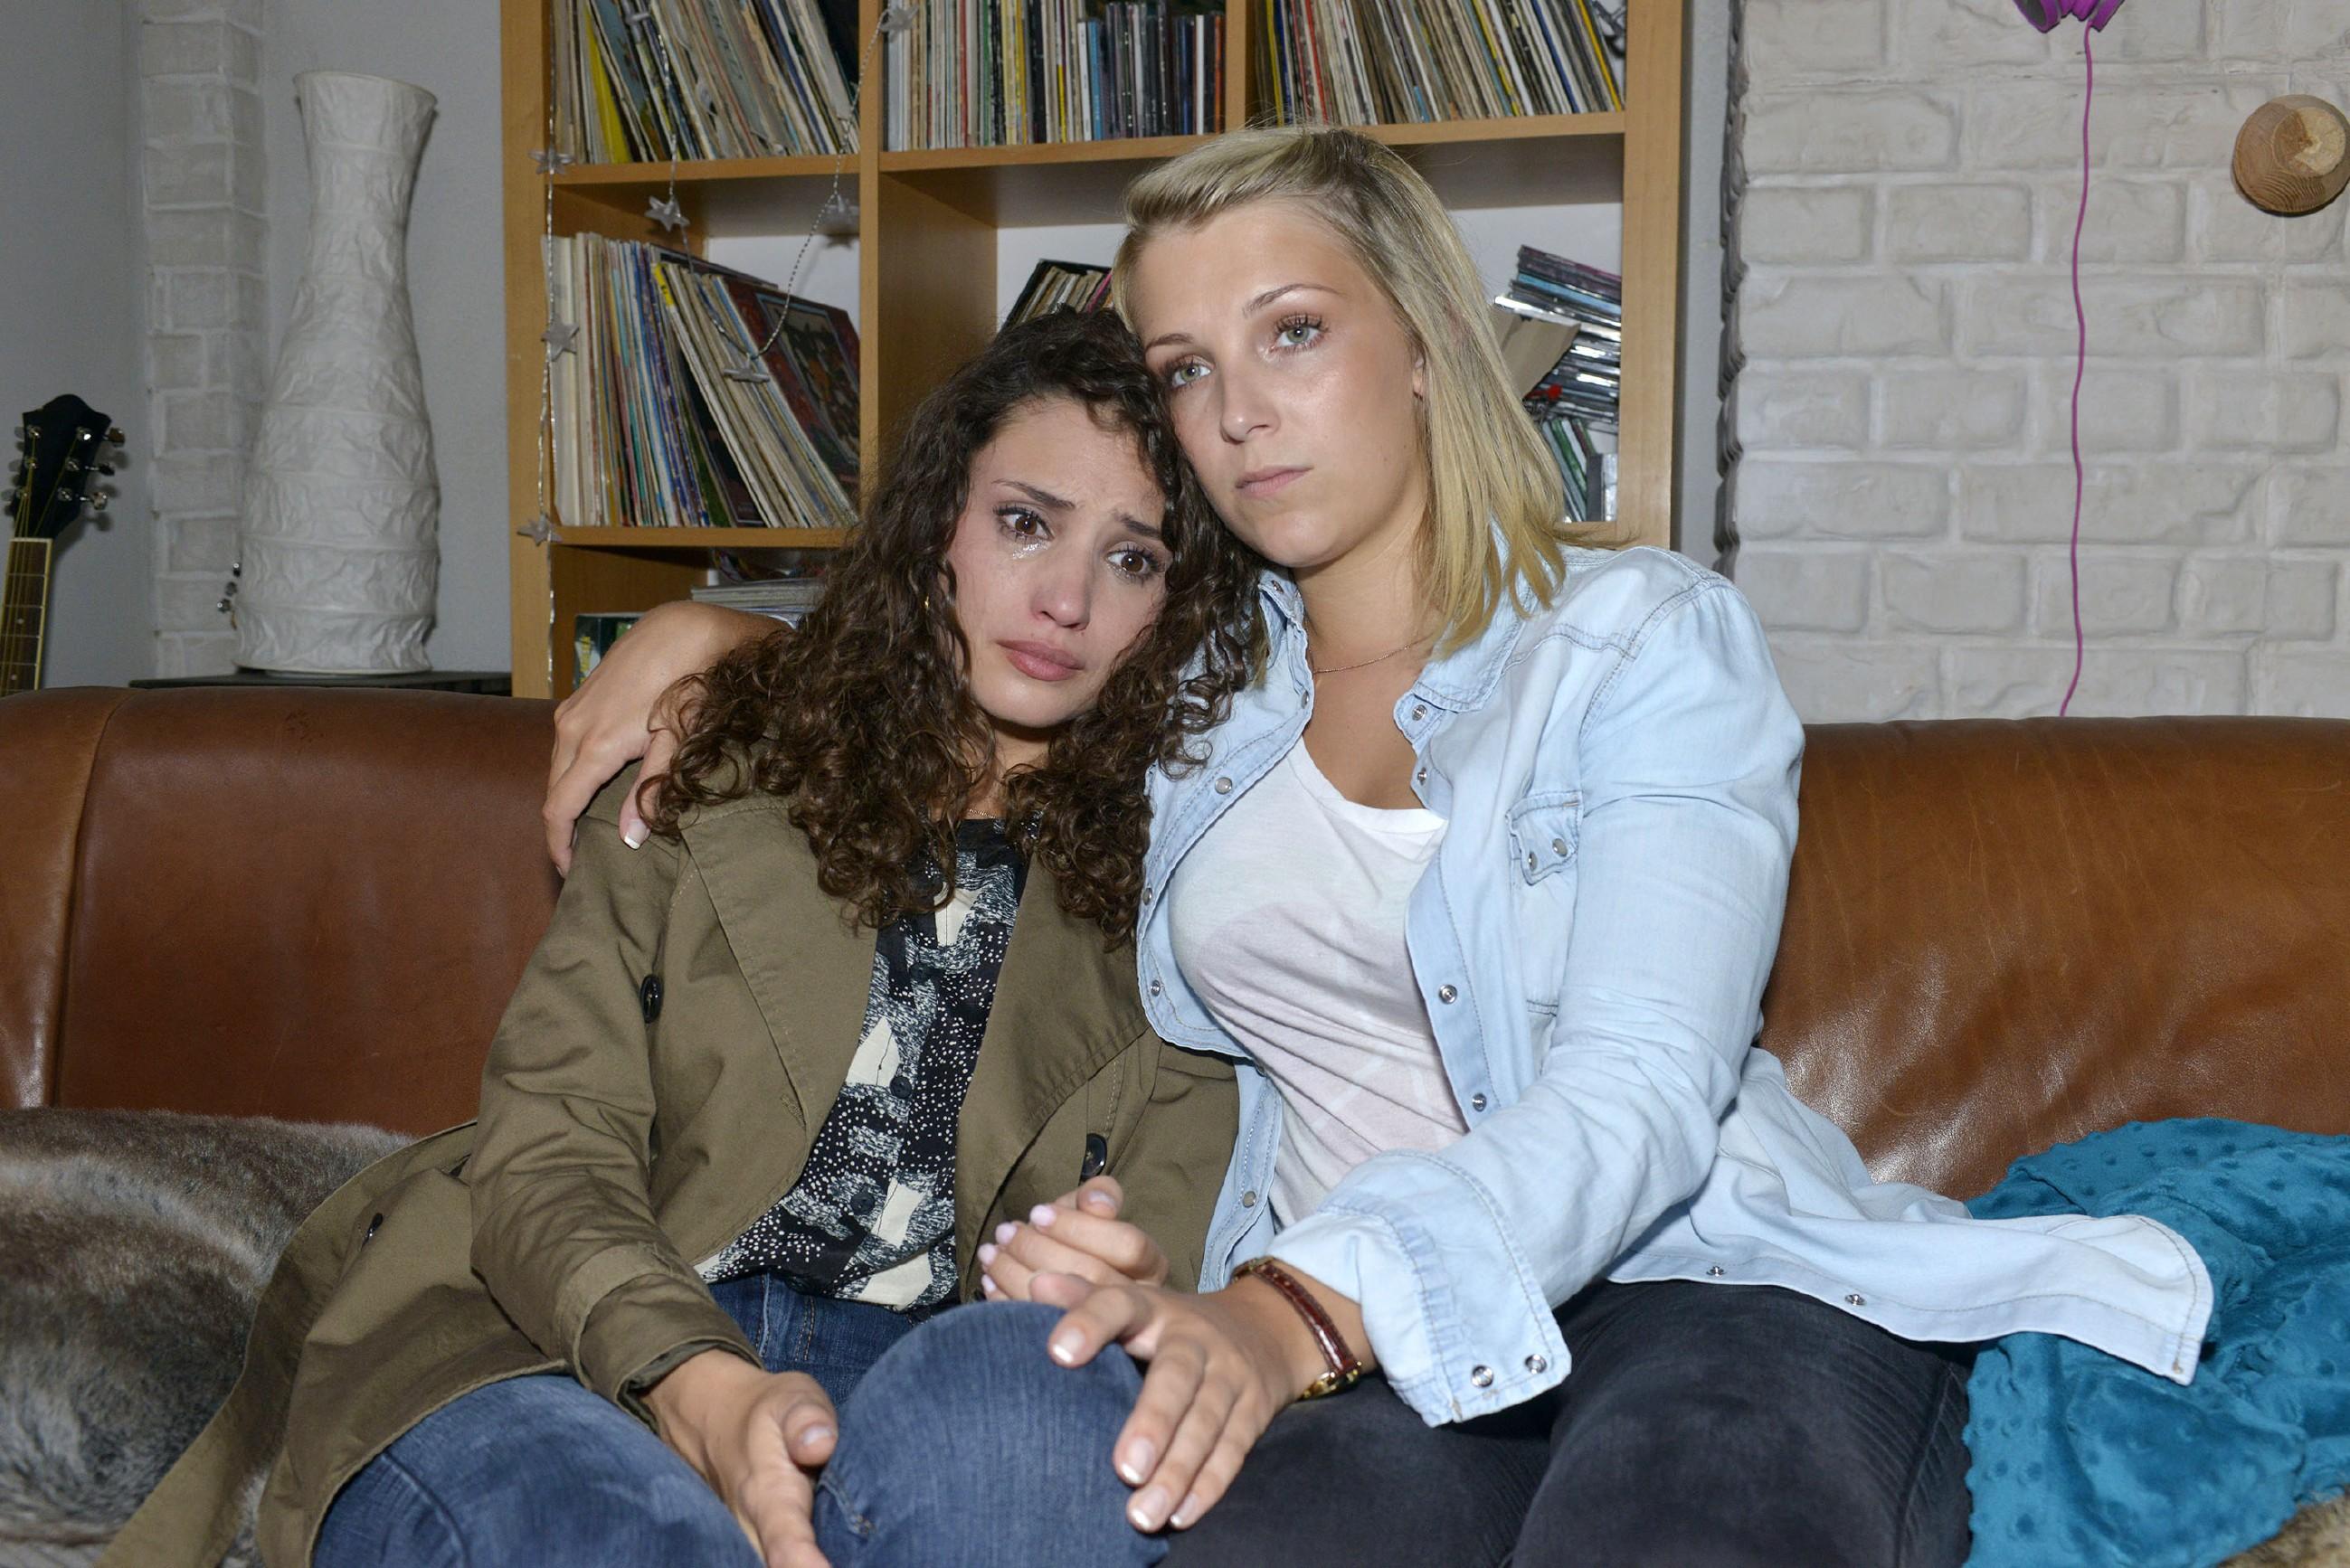 Ayla (Nadine Menz, l.) hat ihr Vertrauen in David verloren und sucht verzweifelt Zuflucht bei Lilly (Iris Mareike Steen) in der WG.